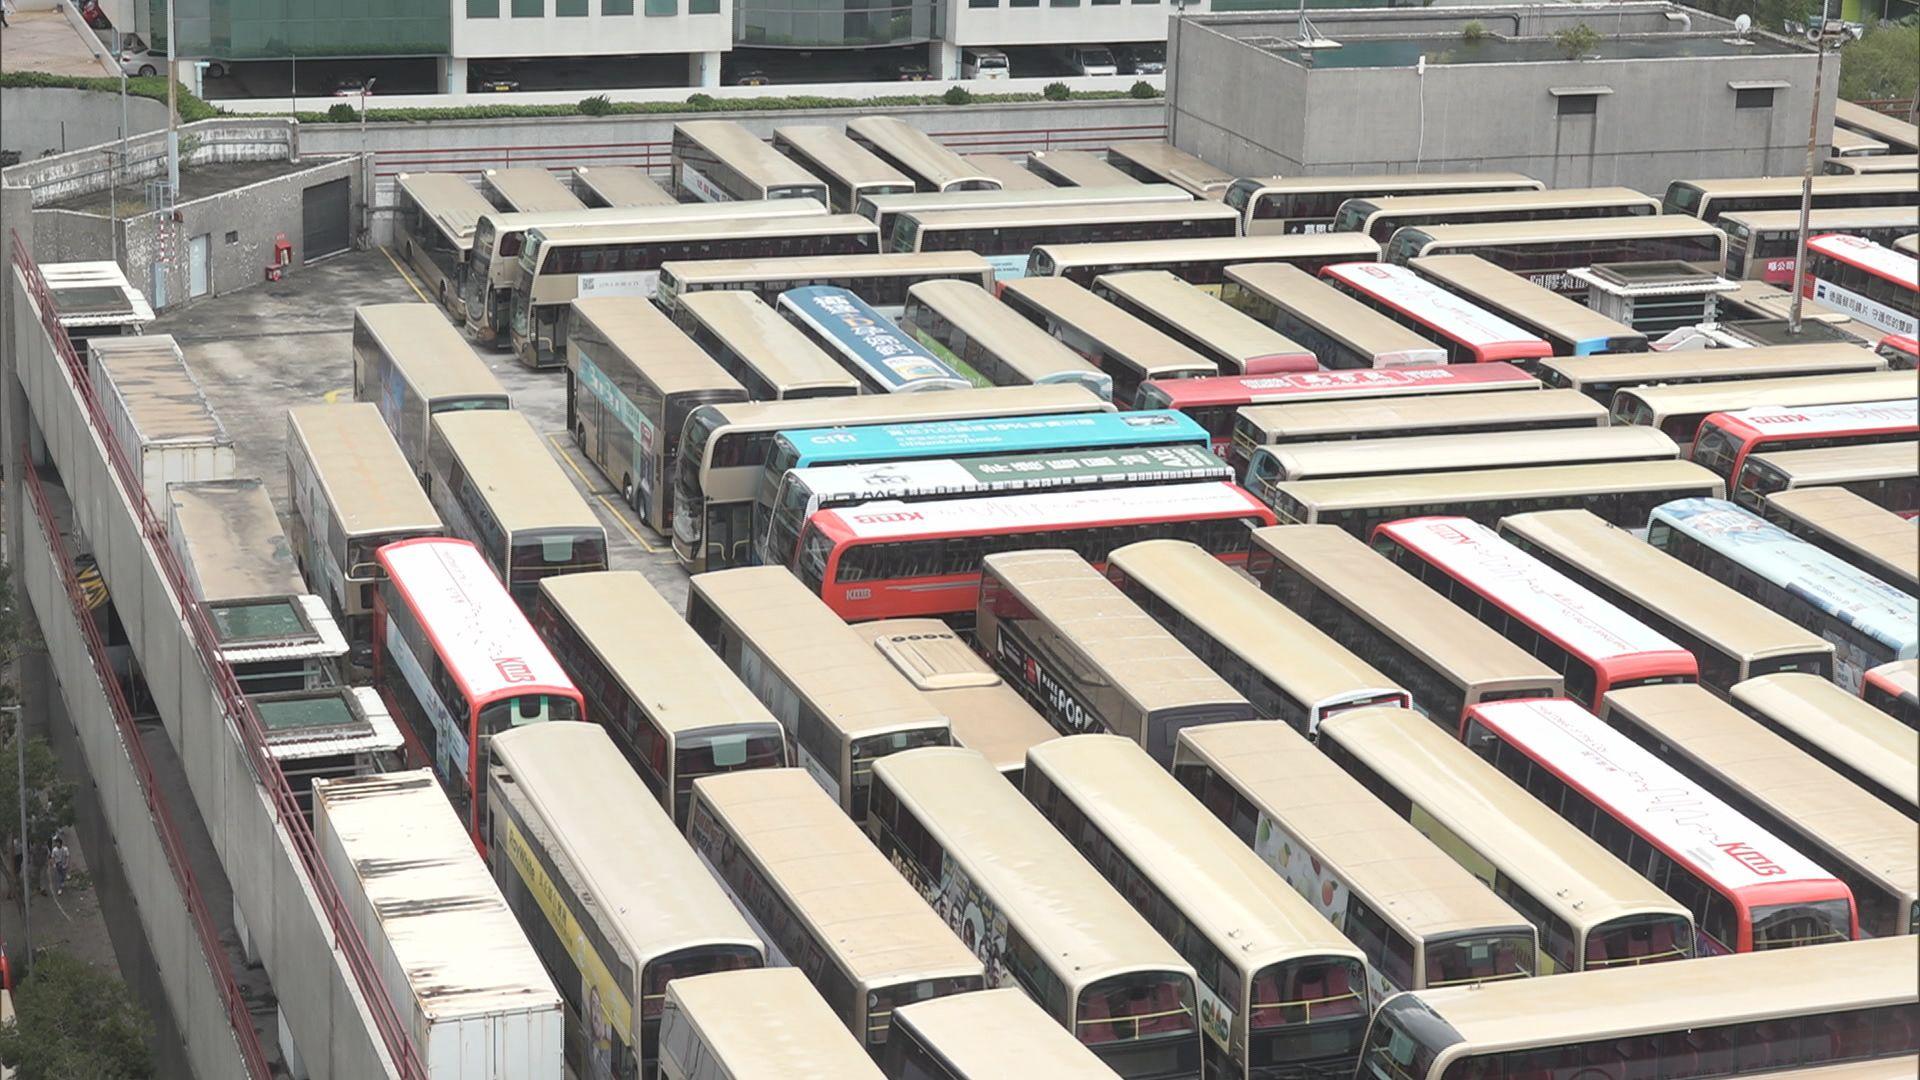 全港只有部分巴士路線提供服務